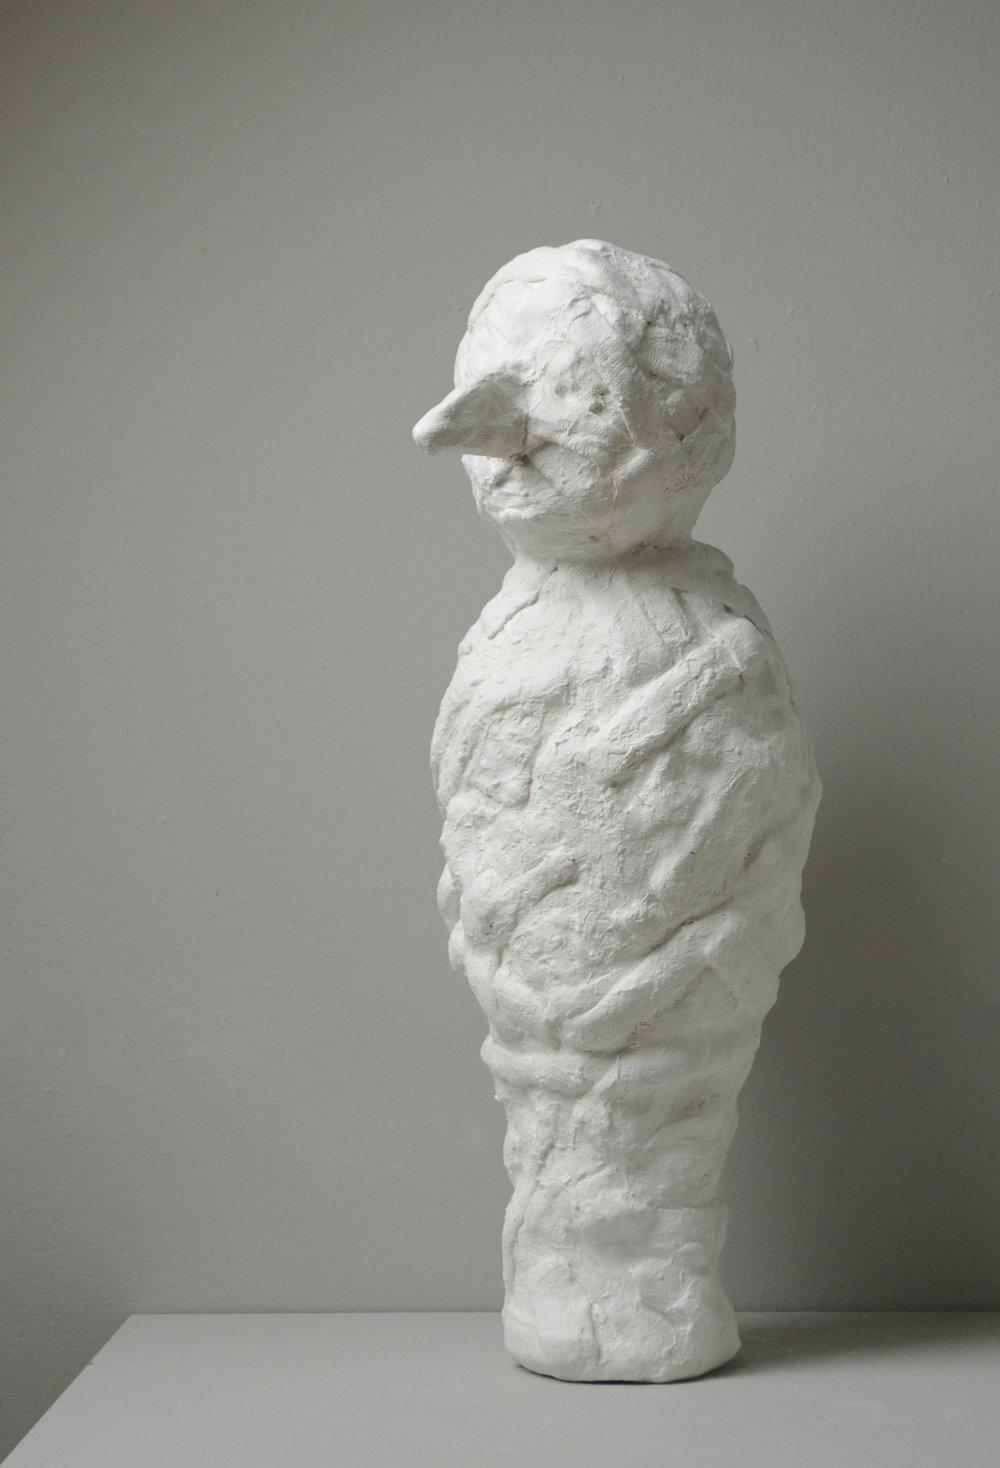 _________________  2018  plaster cloth  aluminum foil  25.5 x 9 x 11.5  _________________